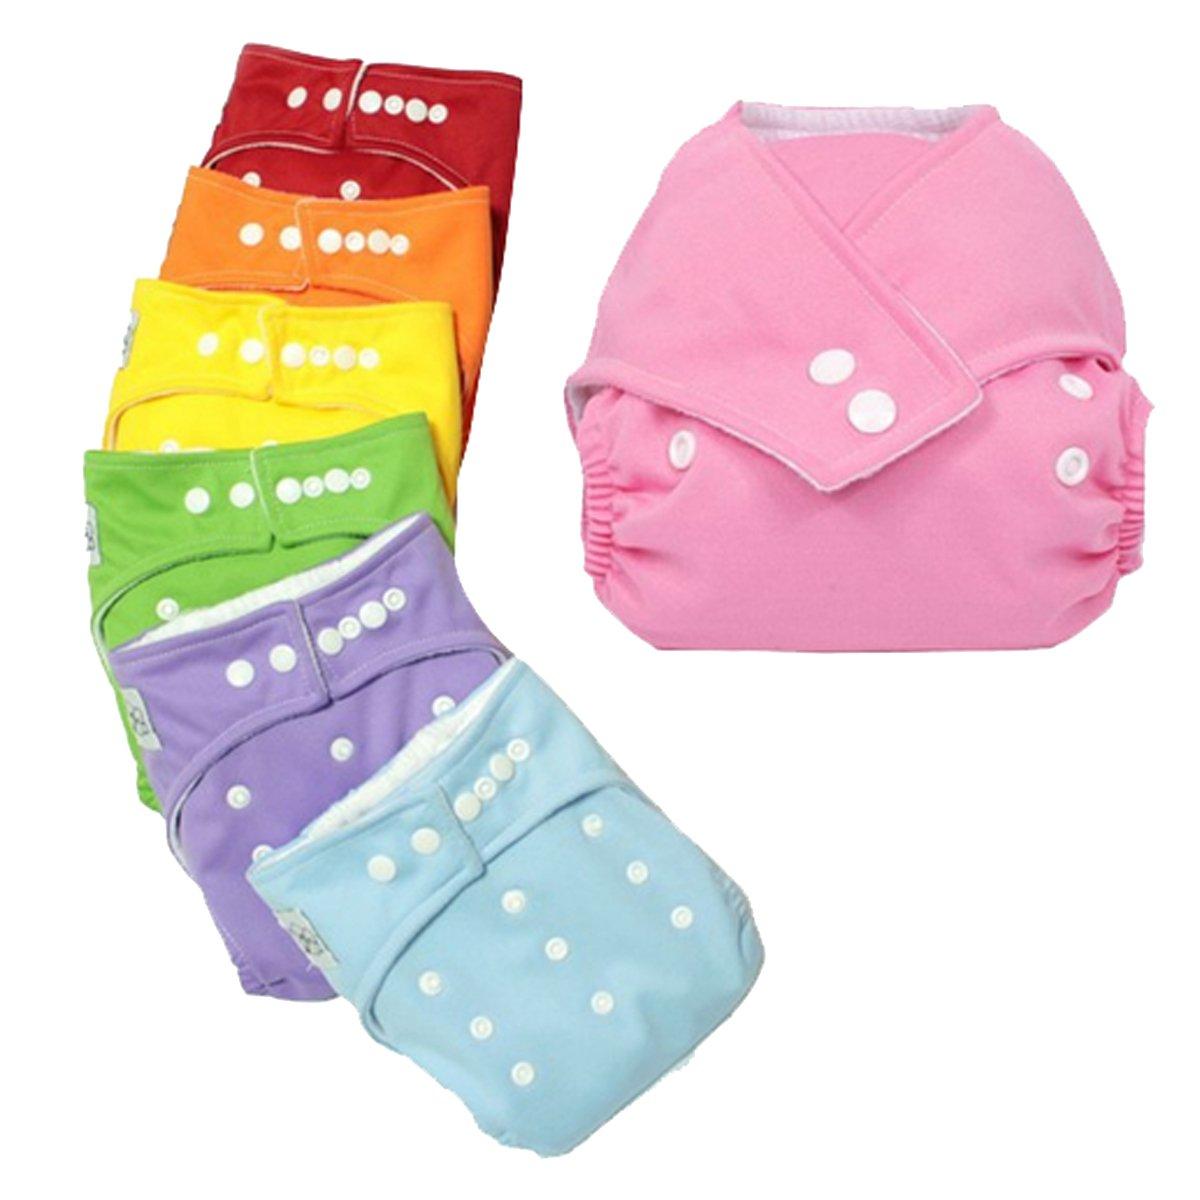 AUBIG 20pcs Bébé Enfant Pantalon Couche Bébé Toilettes de formation épaise Ajustable